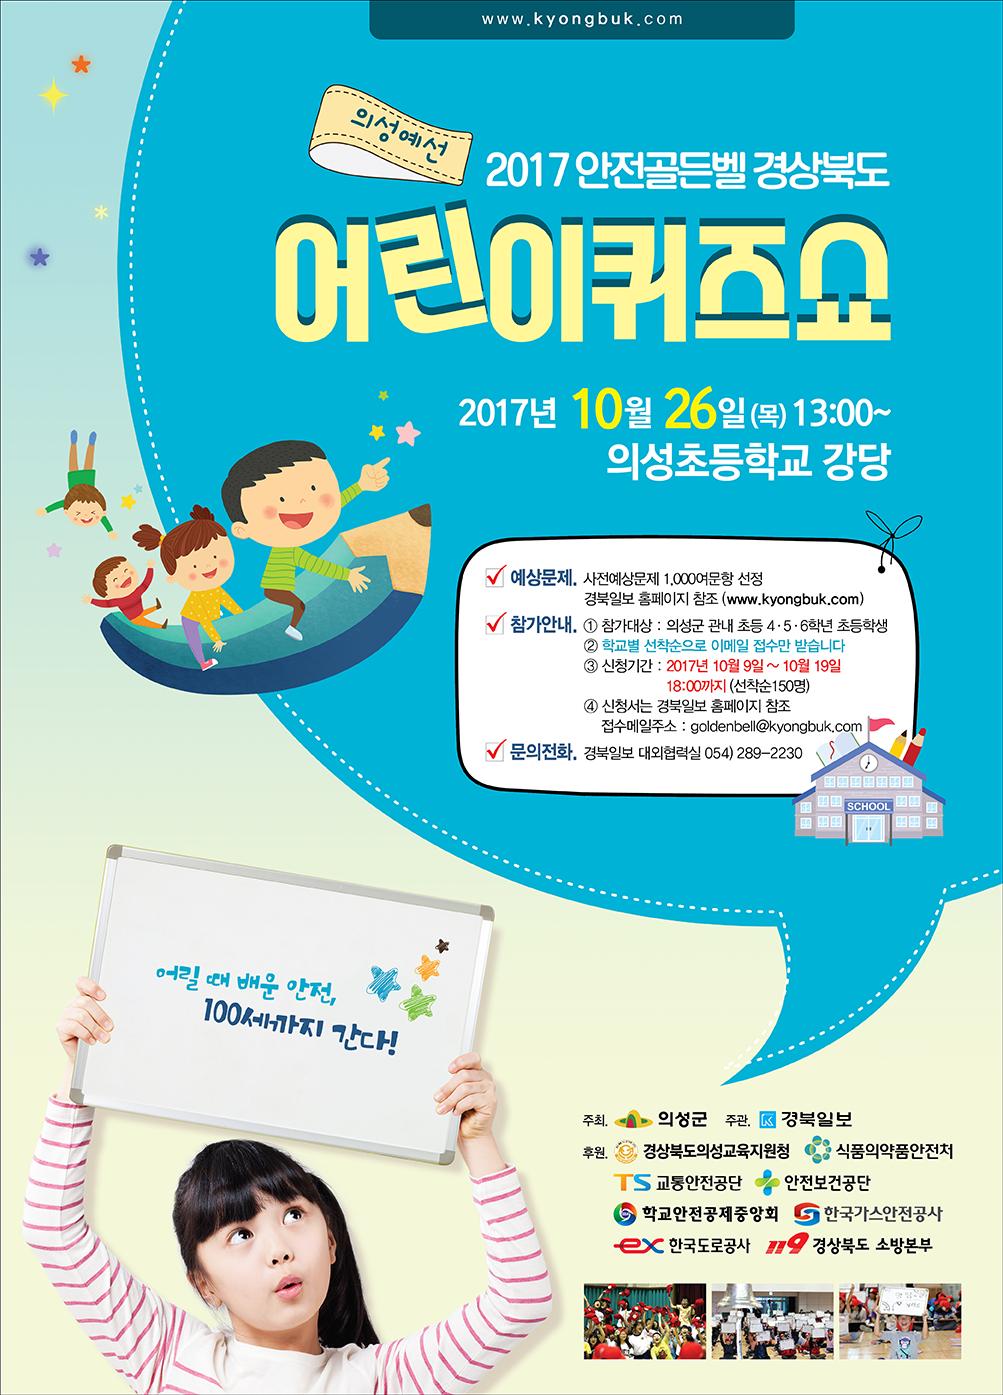 2017_안전골든벨 의성예선_pop.png